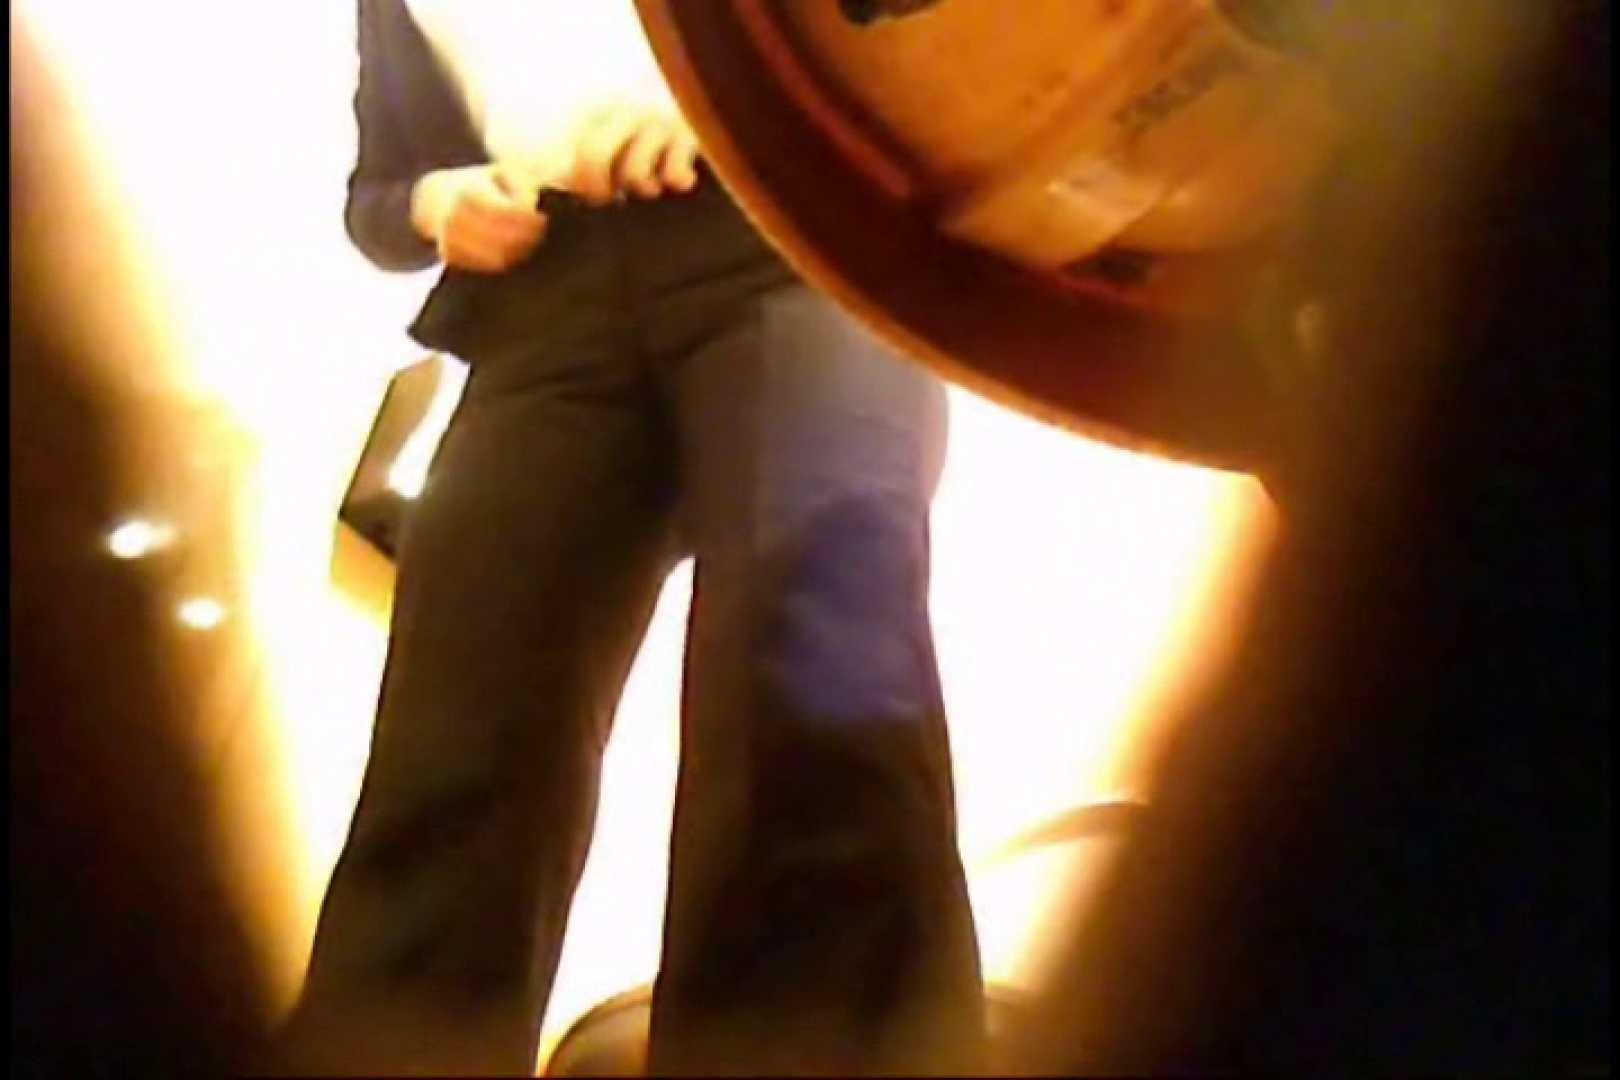 画質向上!新亀さん厠 vol.06 マンコ | オマンコ  93pic 21